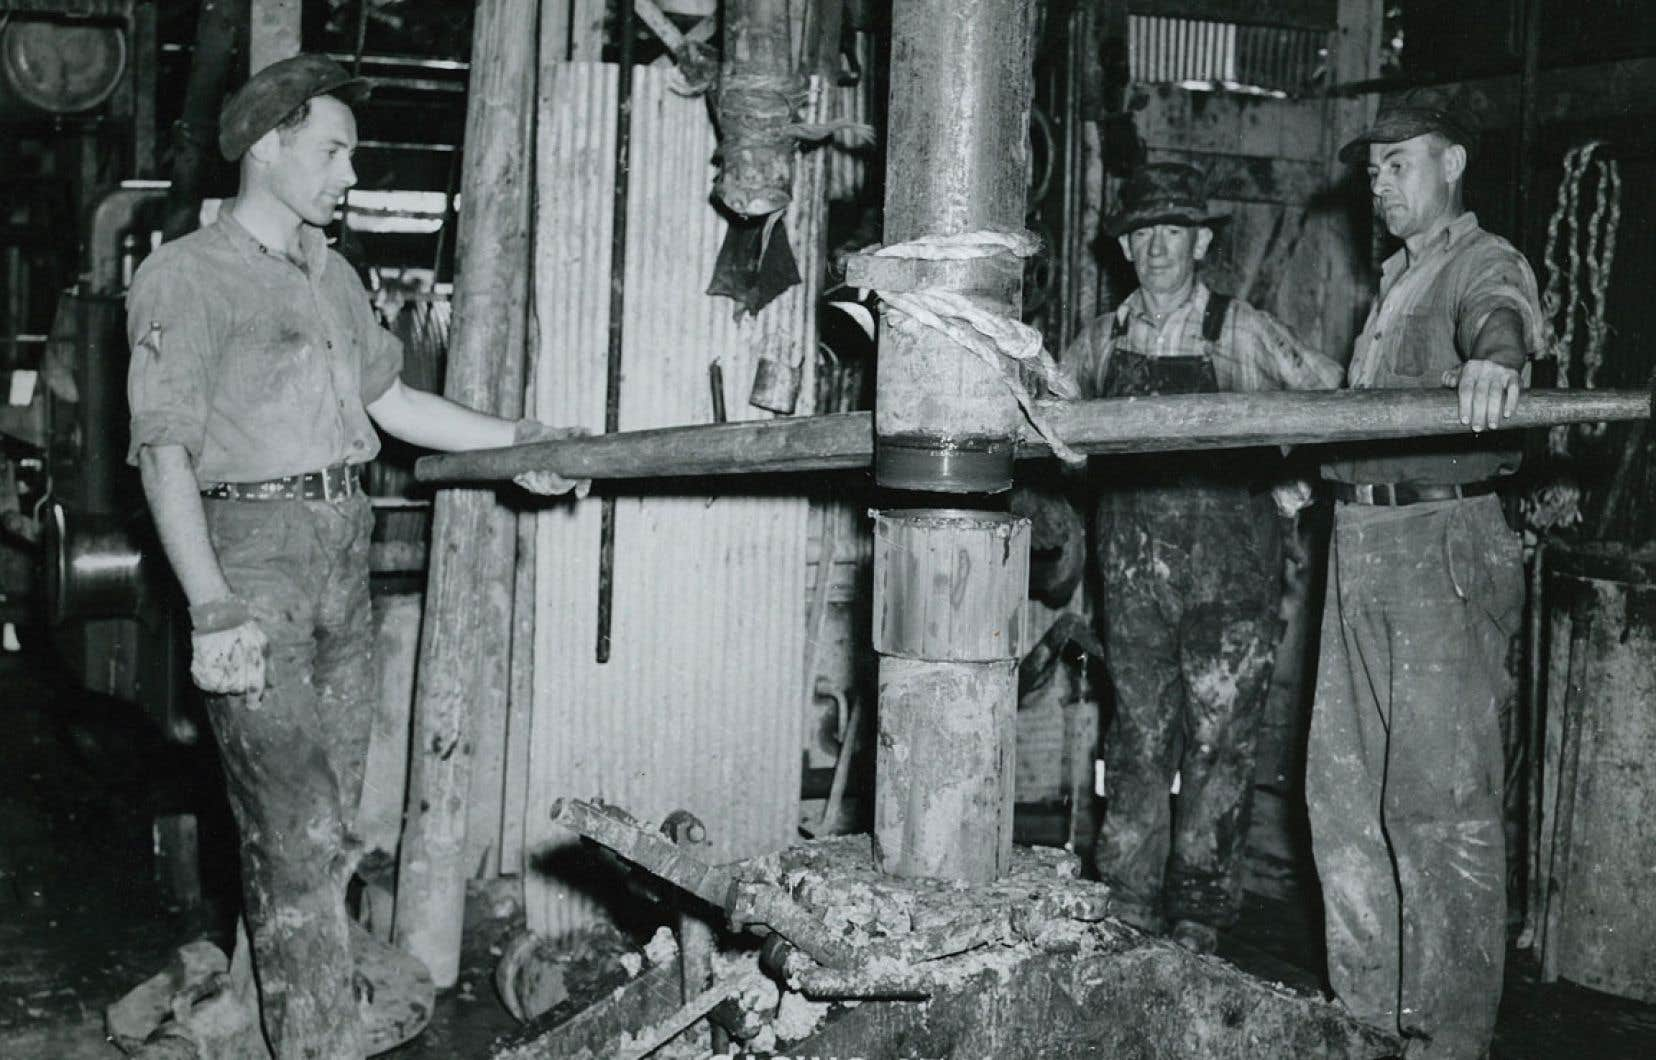 <div> Des travailleurs s'affairent près de la mèche de forage d'un puits de la compagnie Gaspe Oil Ventures, à Rivière-Saint-Jean, près de Gaspé, en 1948. L'entreprise y a découvert des « indices » de pétrole.</div>